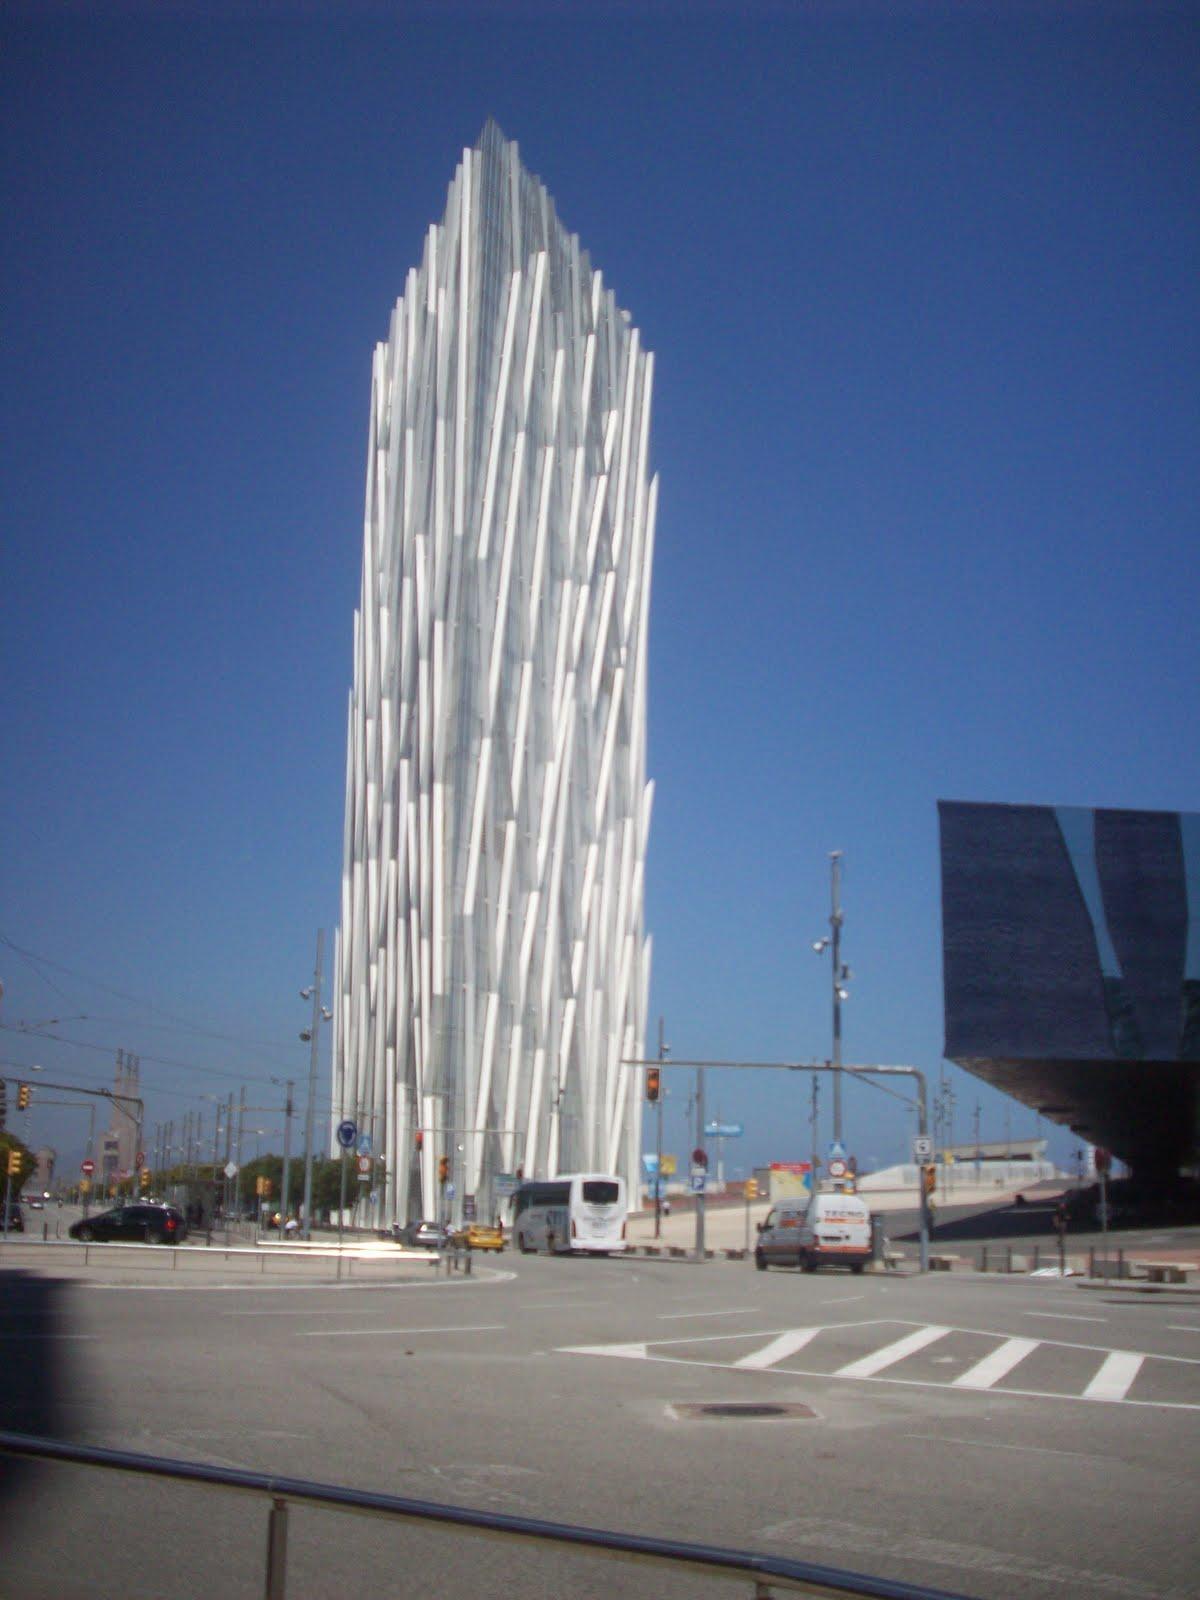 Lina pizarro barcelona sobre 2 ruedas - Ap construcciones ...